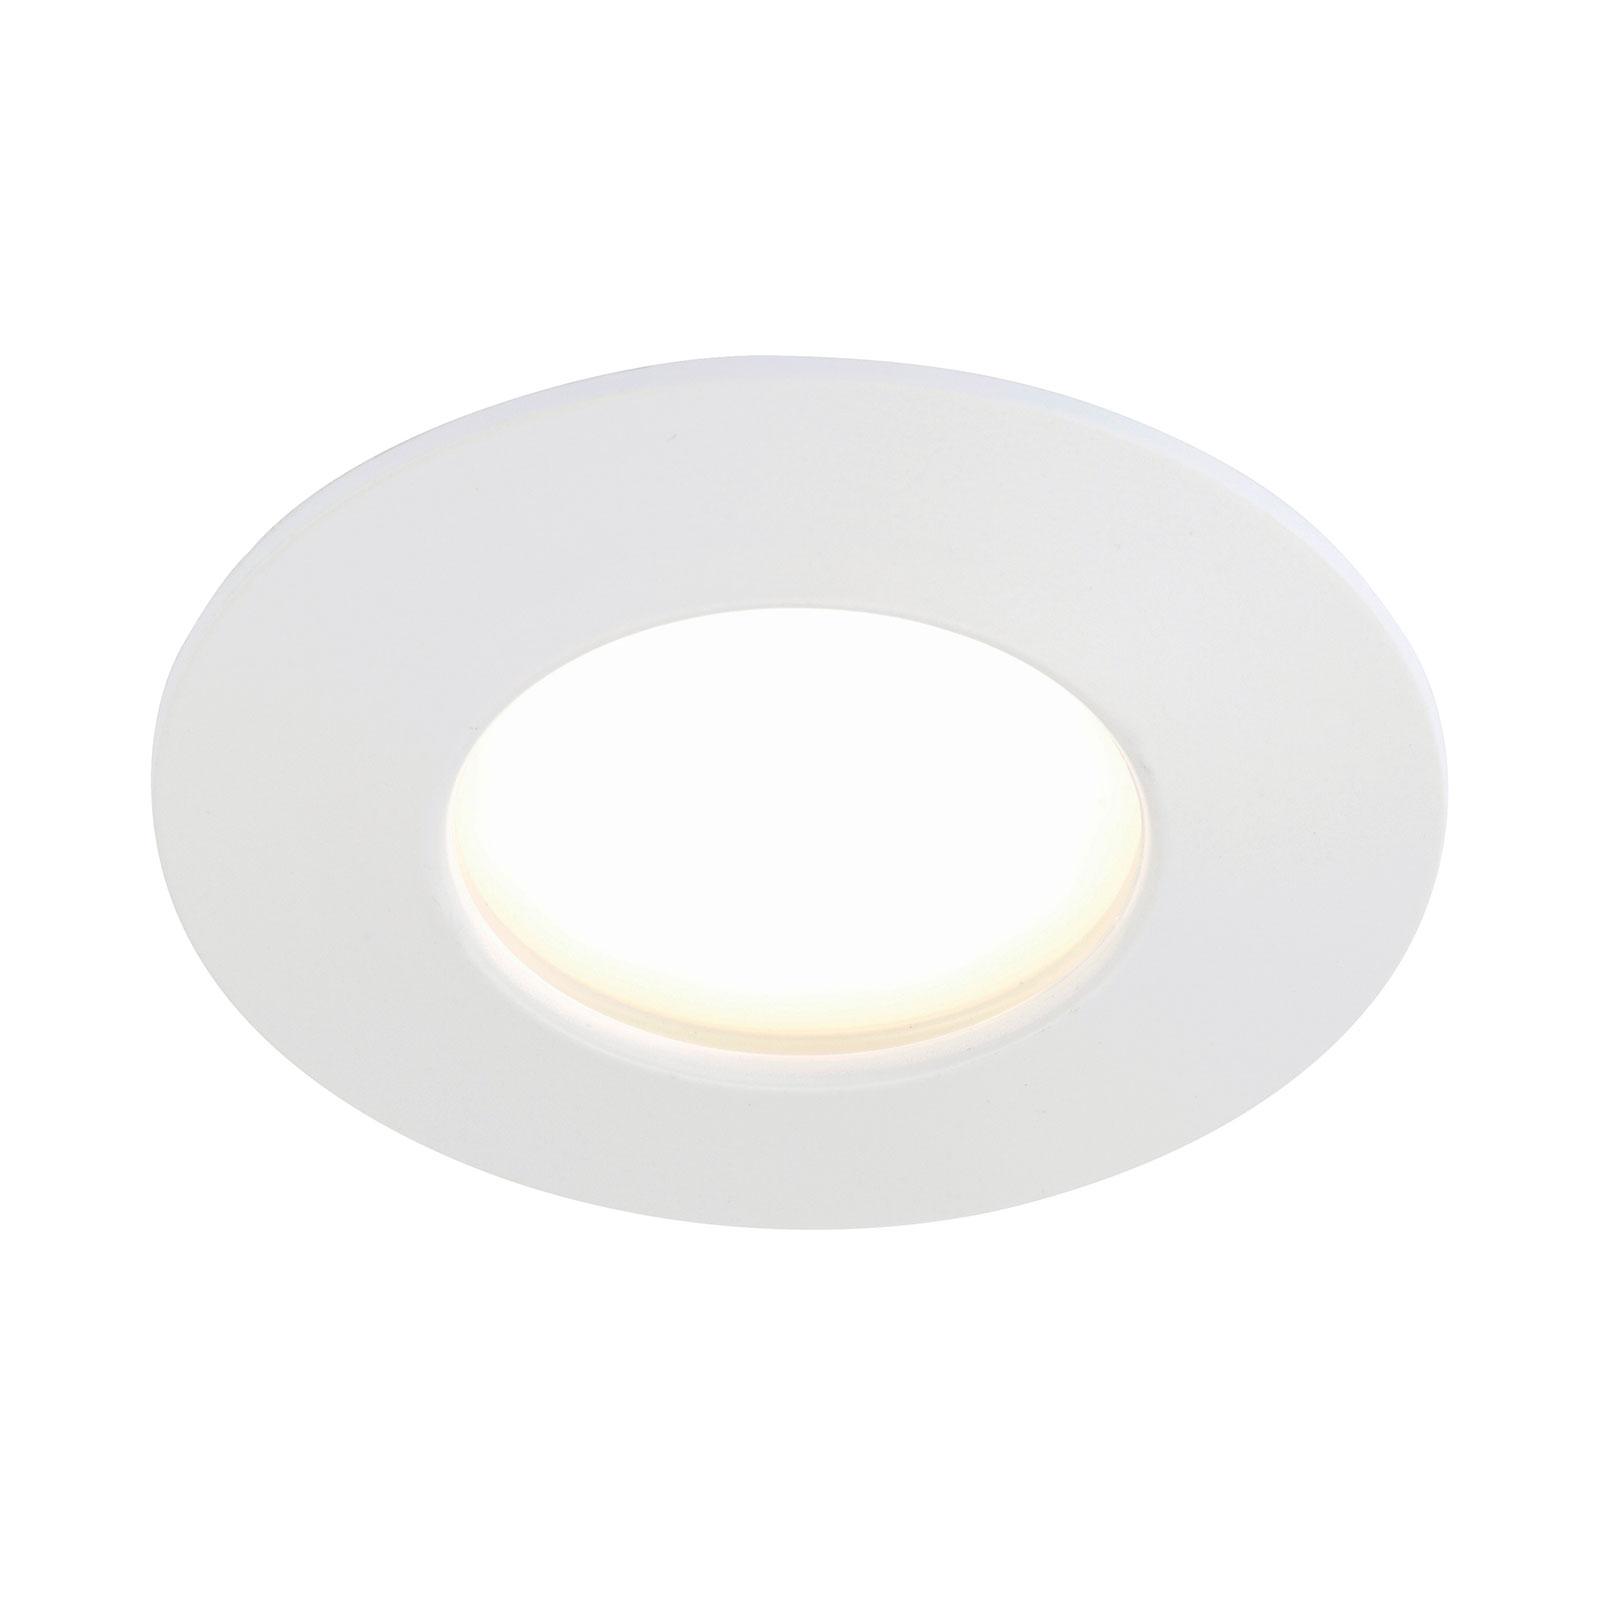 Spot encastré LED blanc Till pour l'extérieur